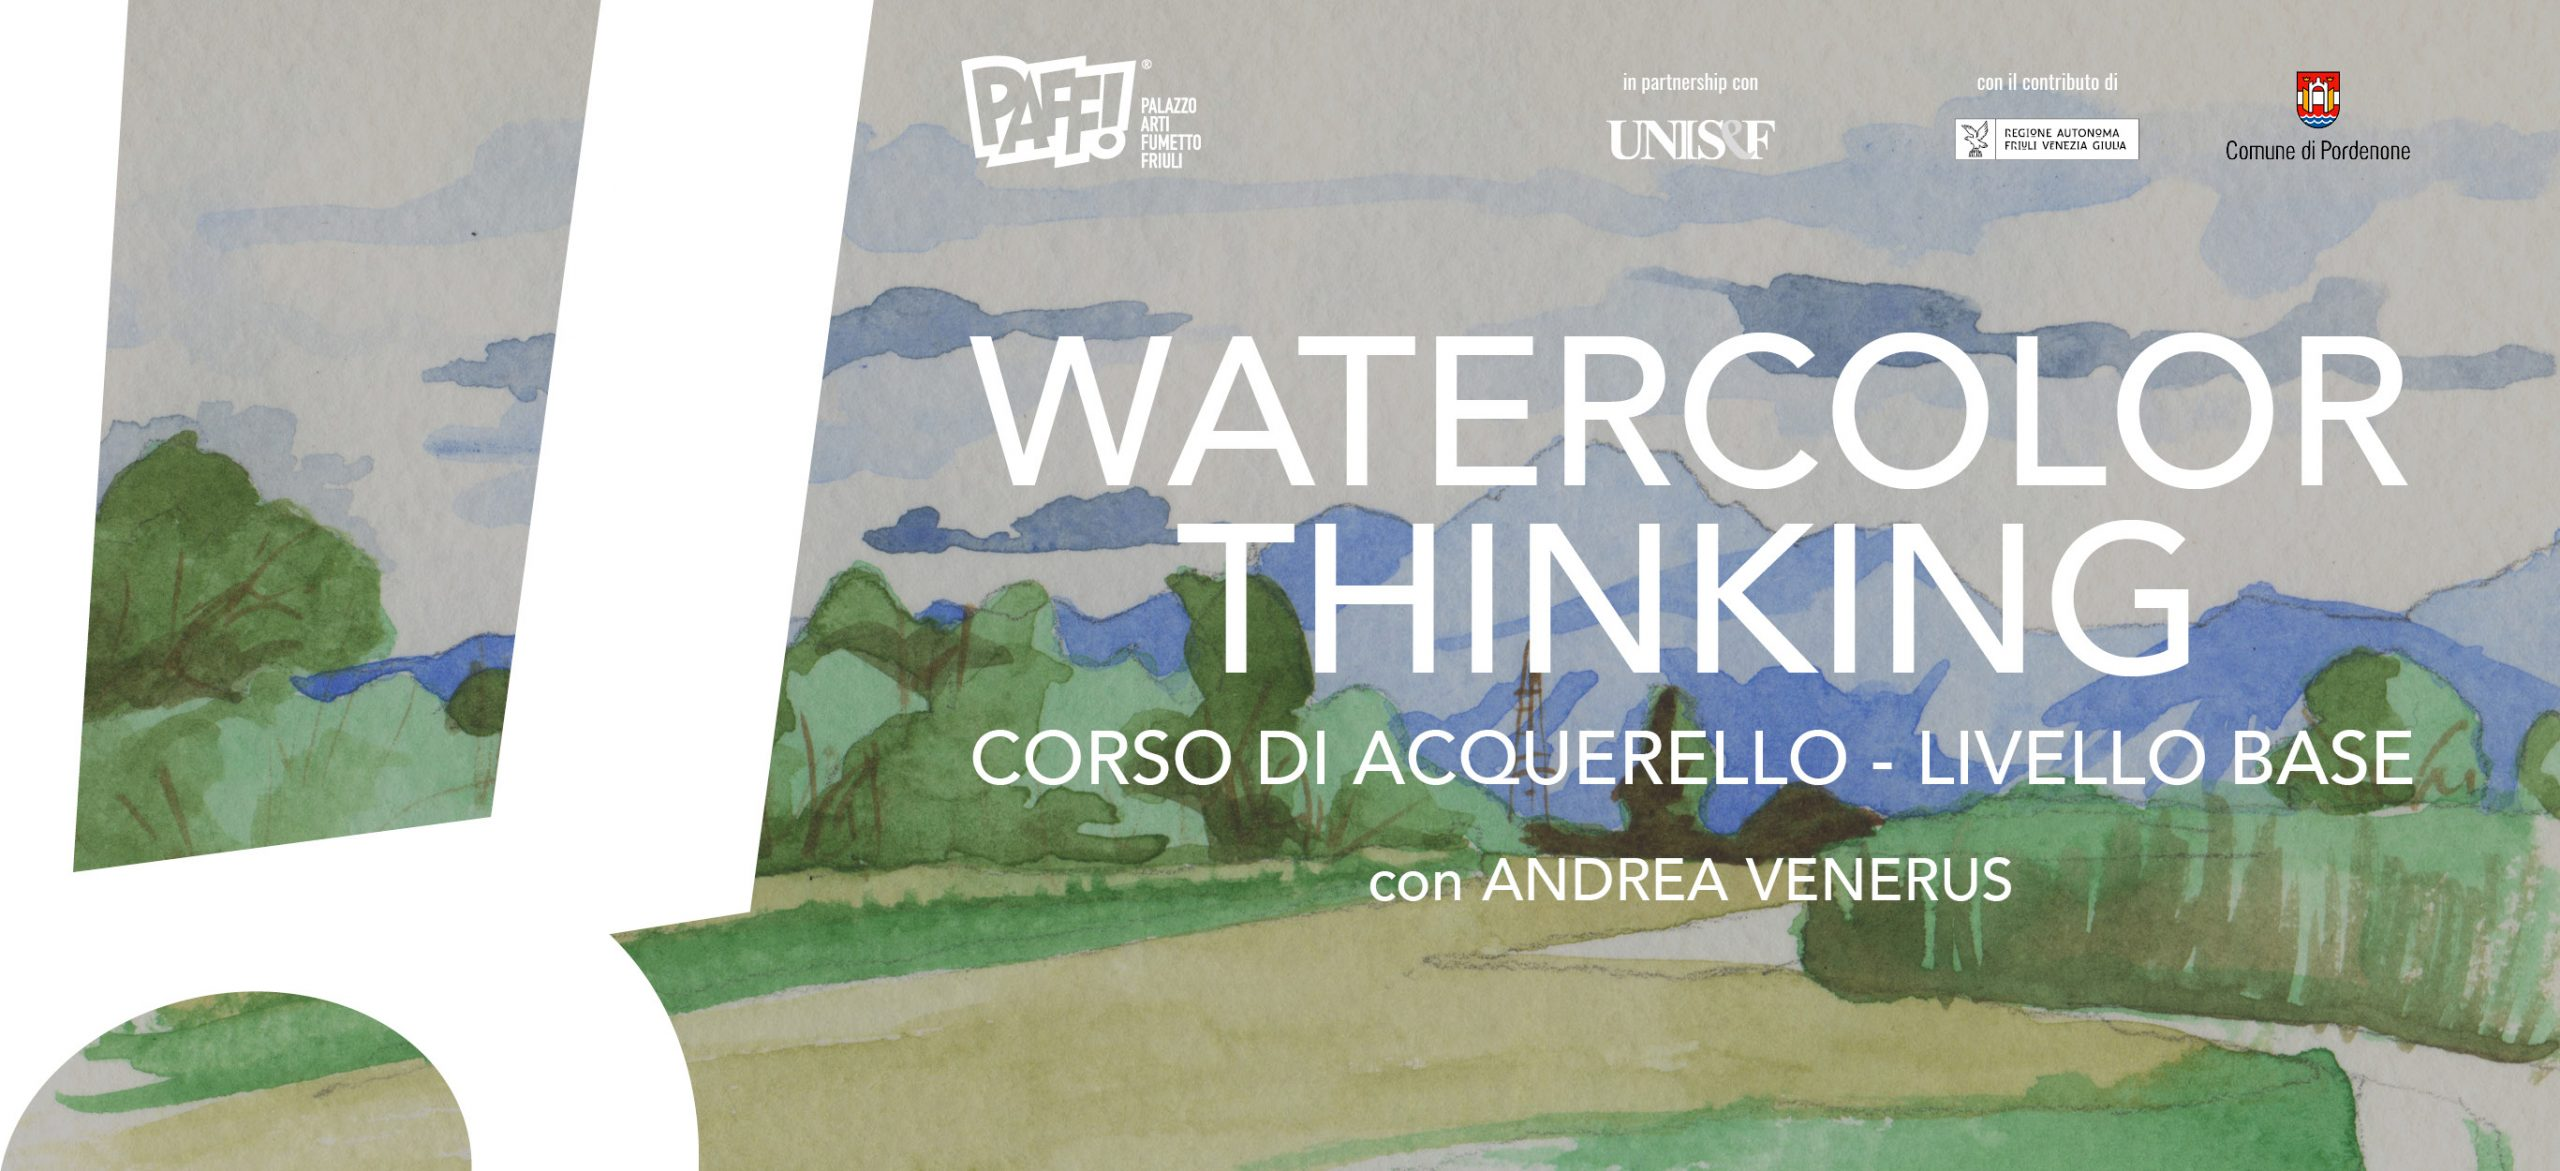 Watercolor Thinking - Corso di Acquerello: livello base